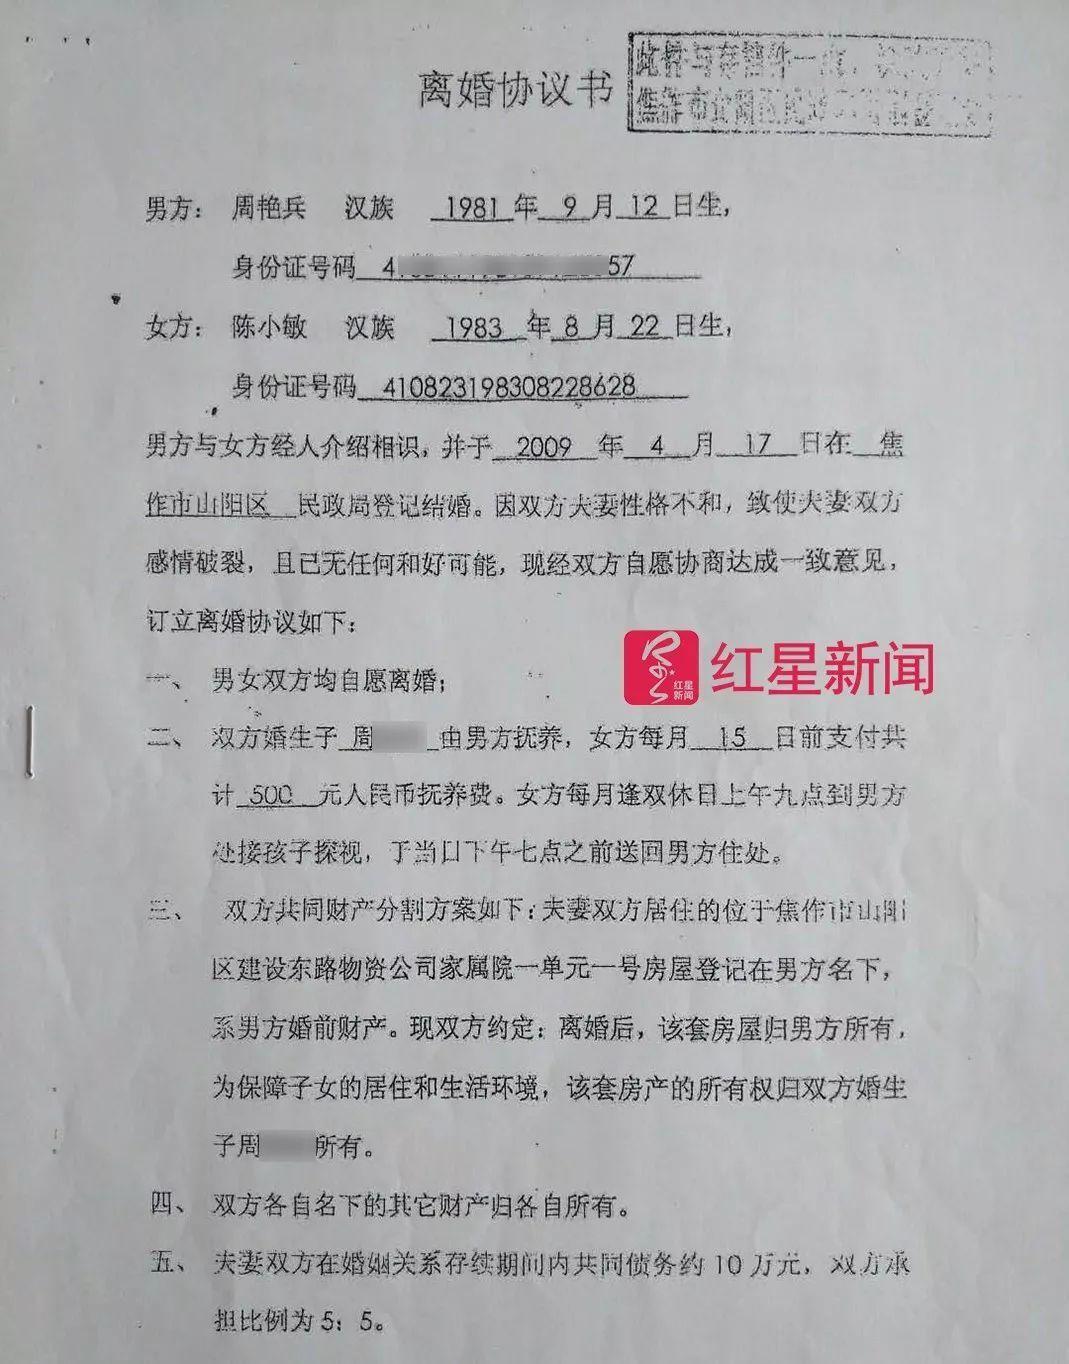 盖有焦作市山阳区民政局婚姻登记处方章的《离婚协议书》显示,2013年图片